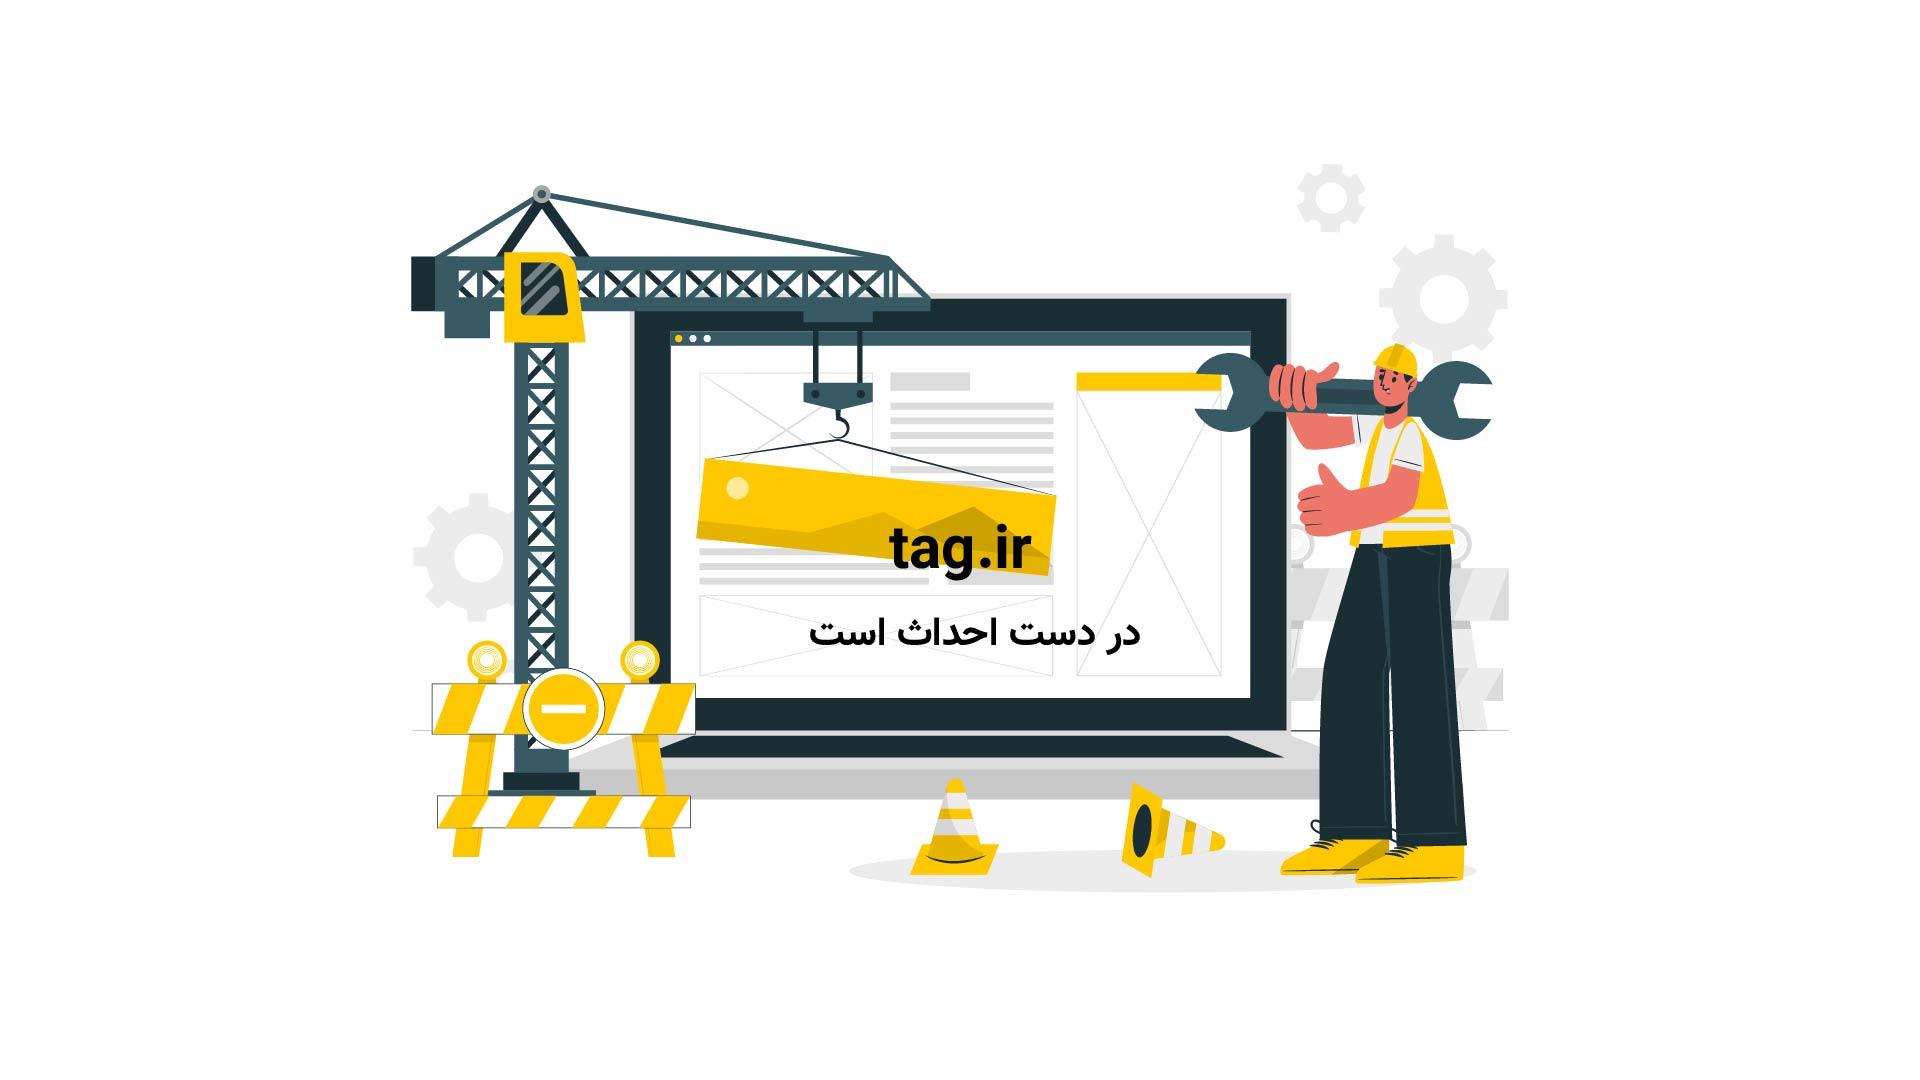 سخنرانی های تد ؛ آینده پول جهانی |فیلم